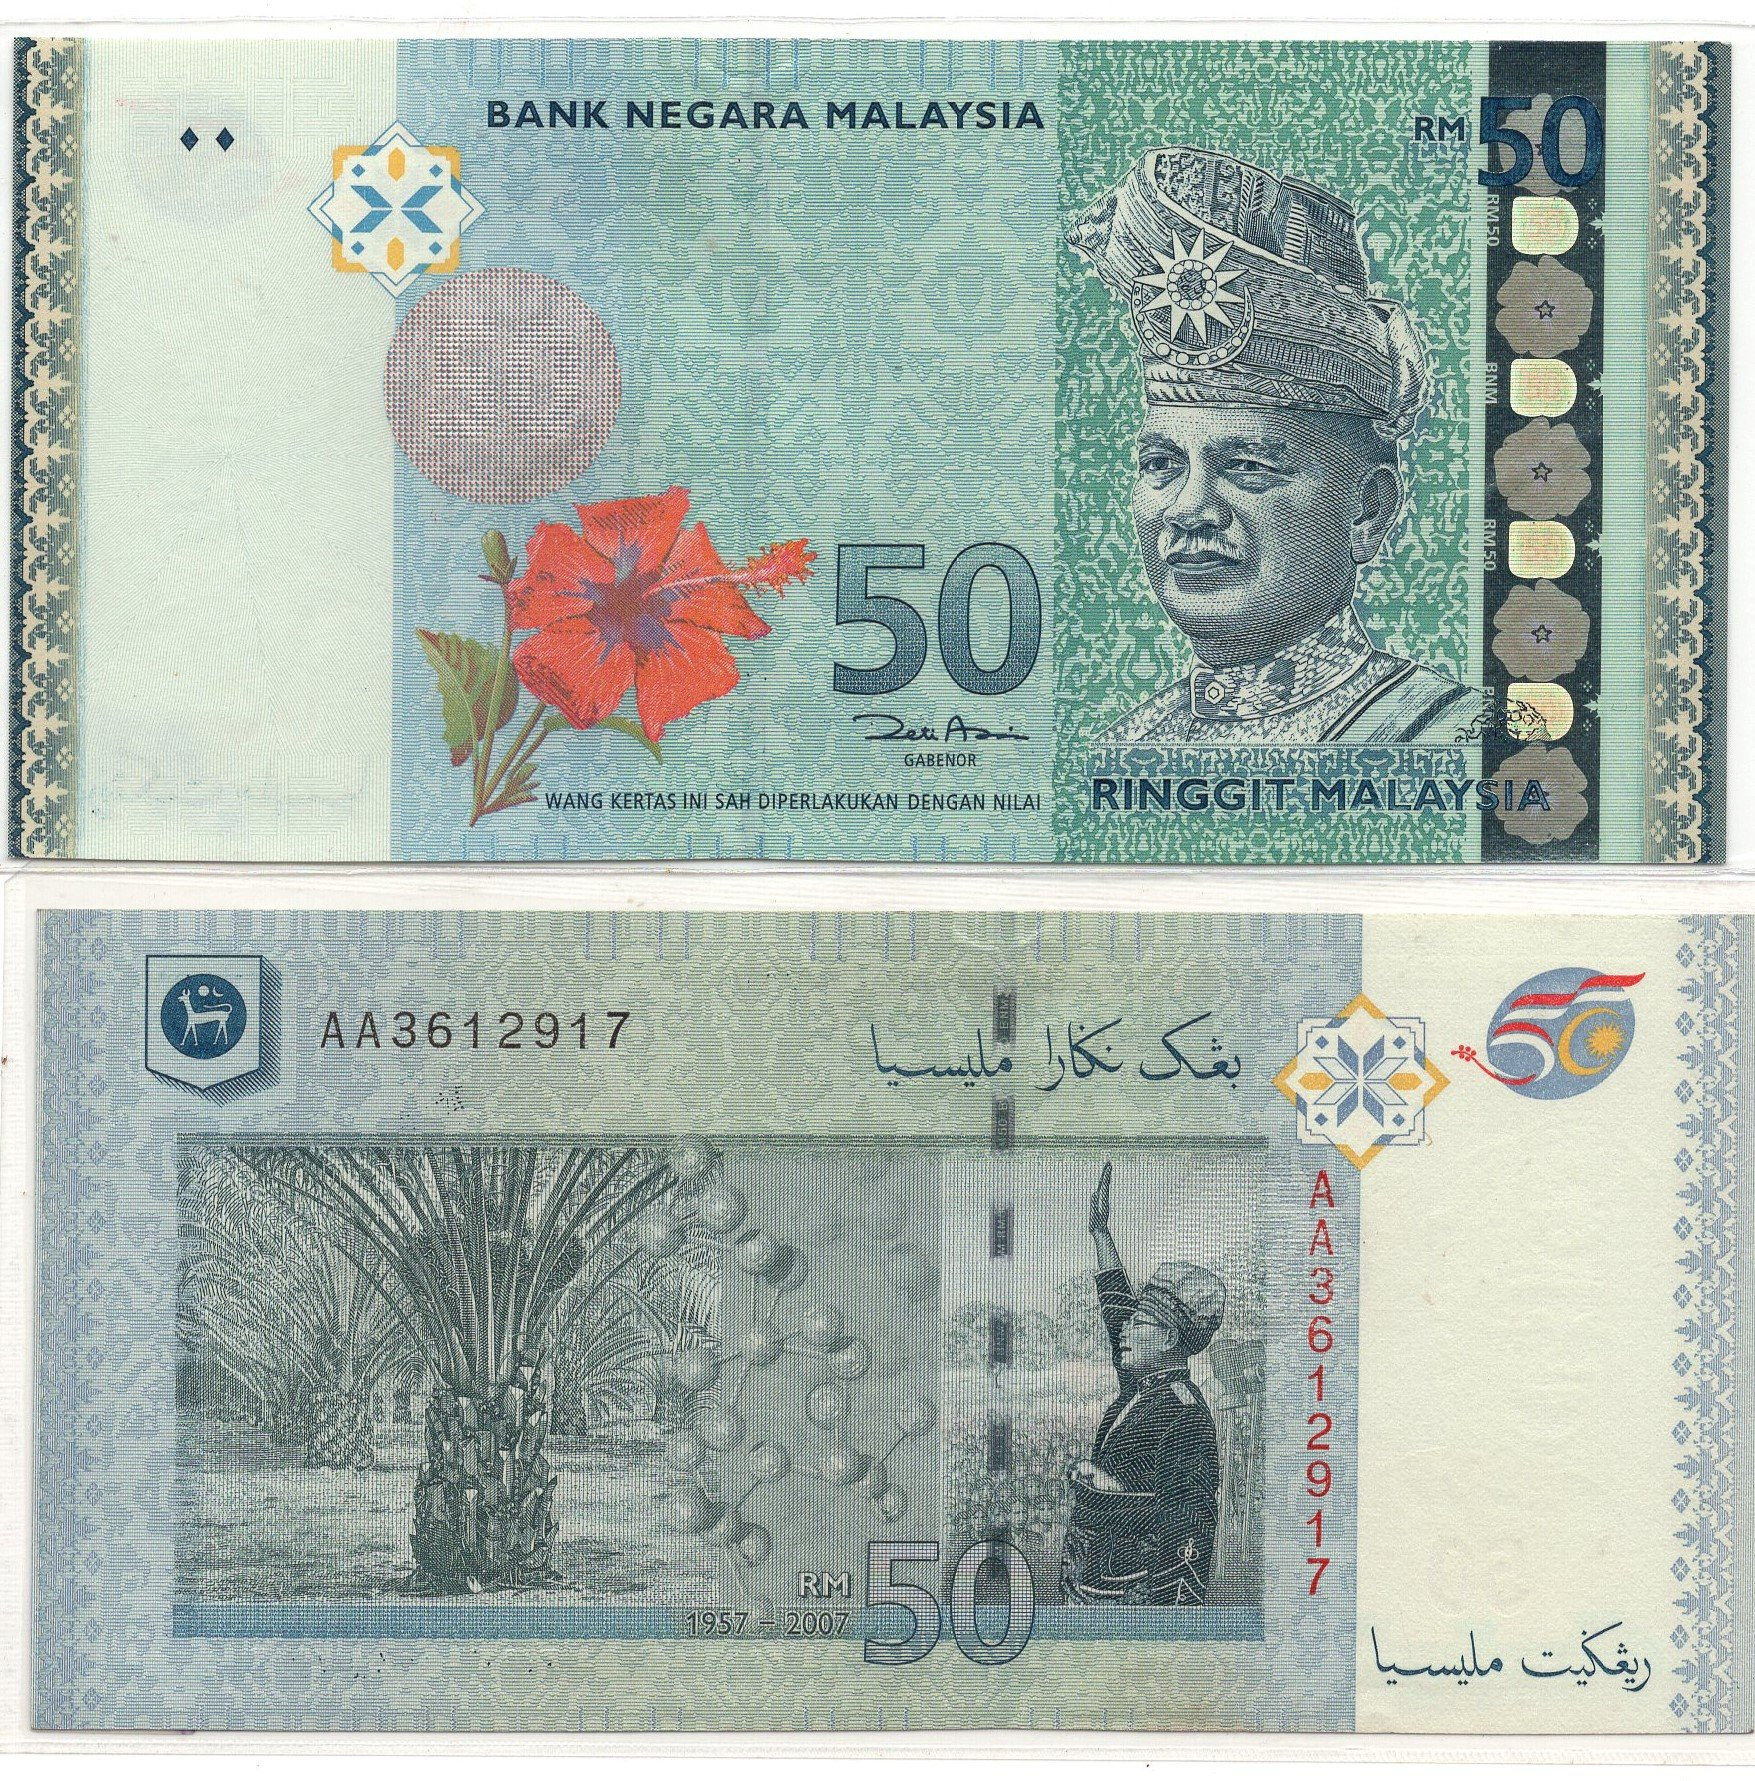 Malaysia 50 ringgit 2007